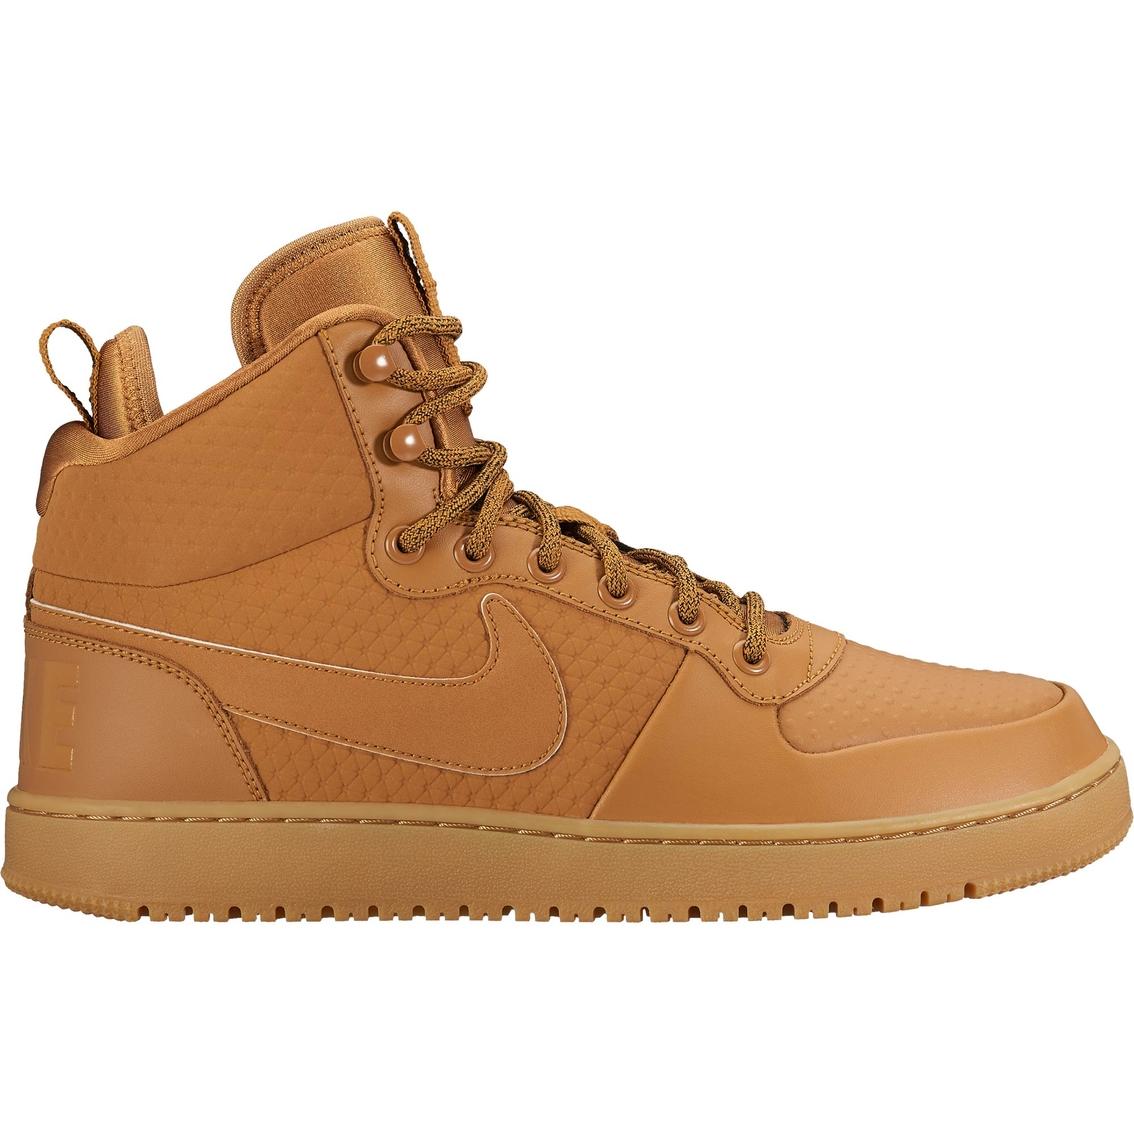 d2f4e06821e Nike Men s Court Borough Mid Winter Shoes